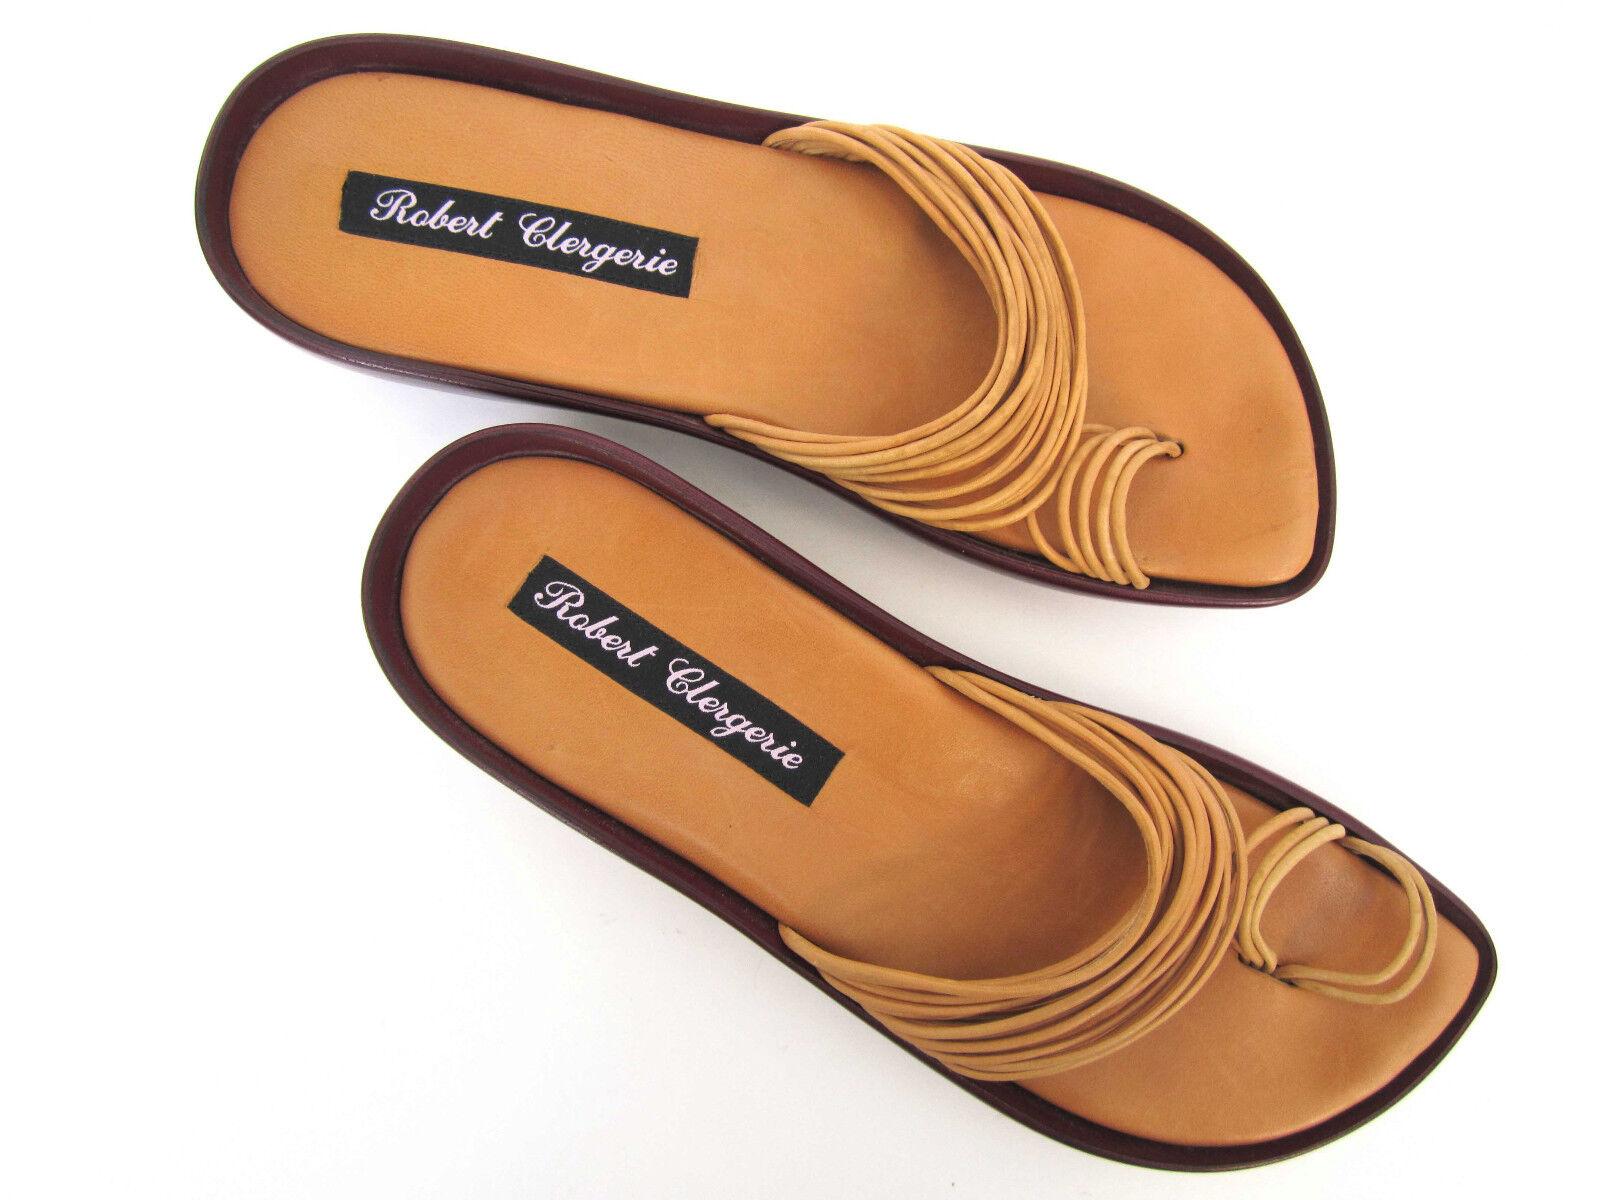 Robert Clergerie Damas Cordón de Cuero Sandalias De Anillo del dedo del pie-, moldeado plataforma 8, 8.5 N